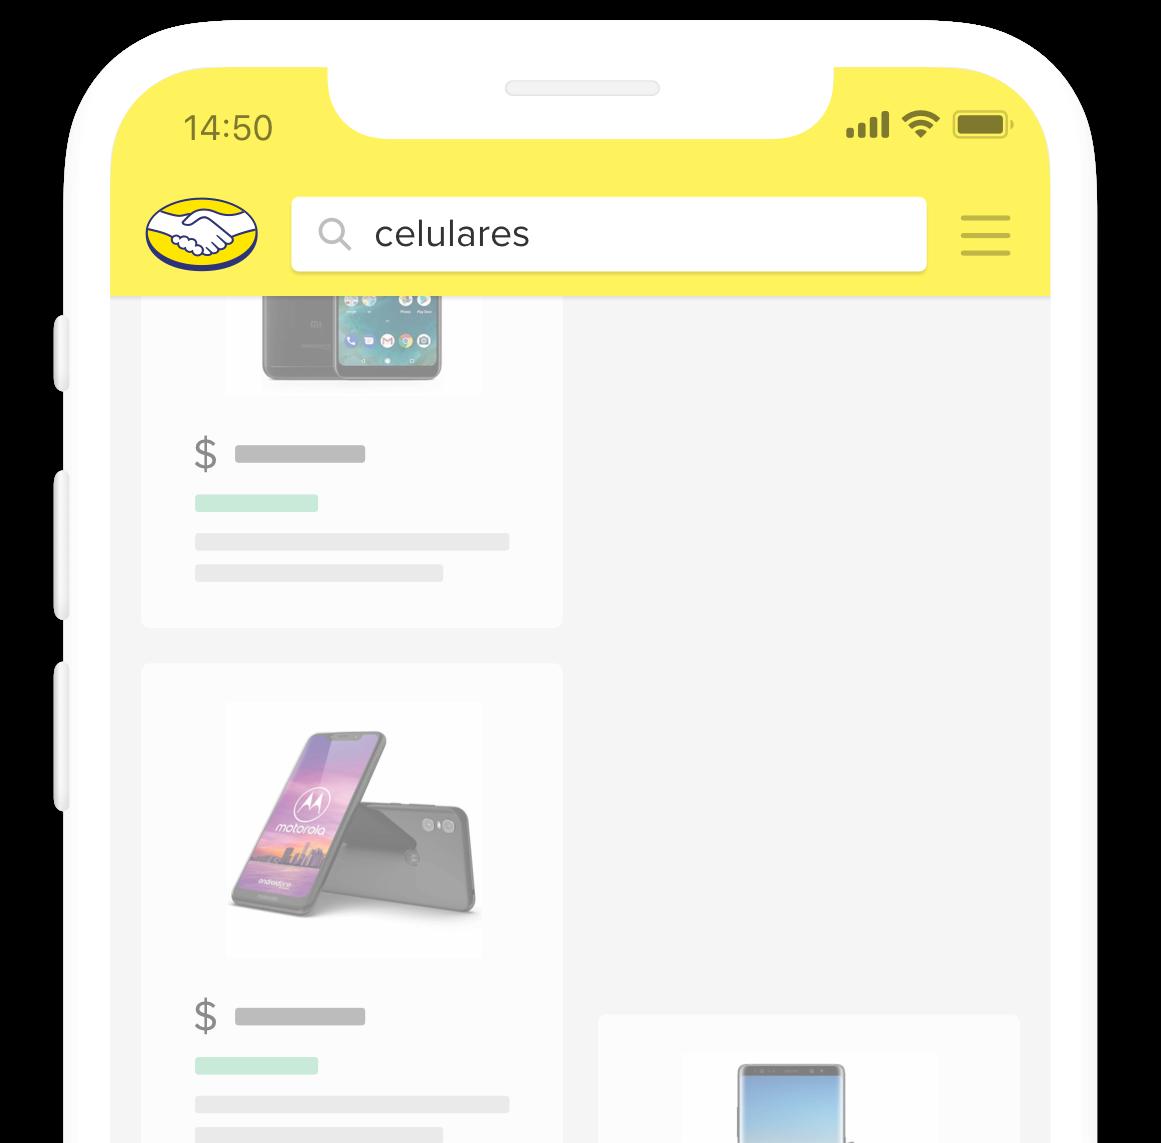 https://http2.mlstatic.com/storage/a-landings/hero-celular.png